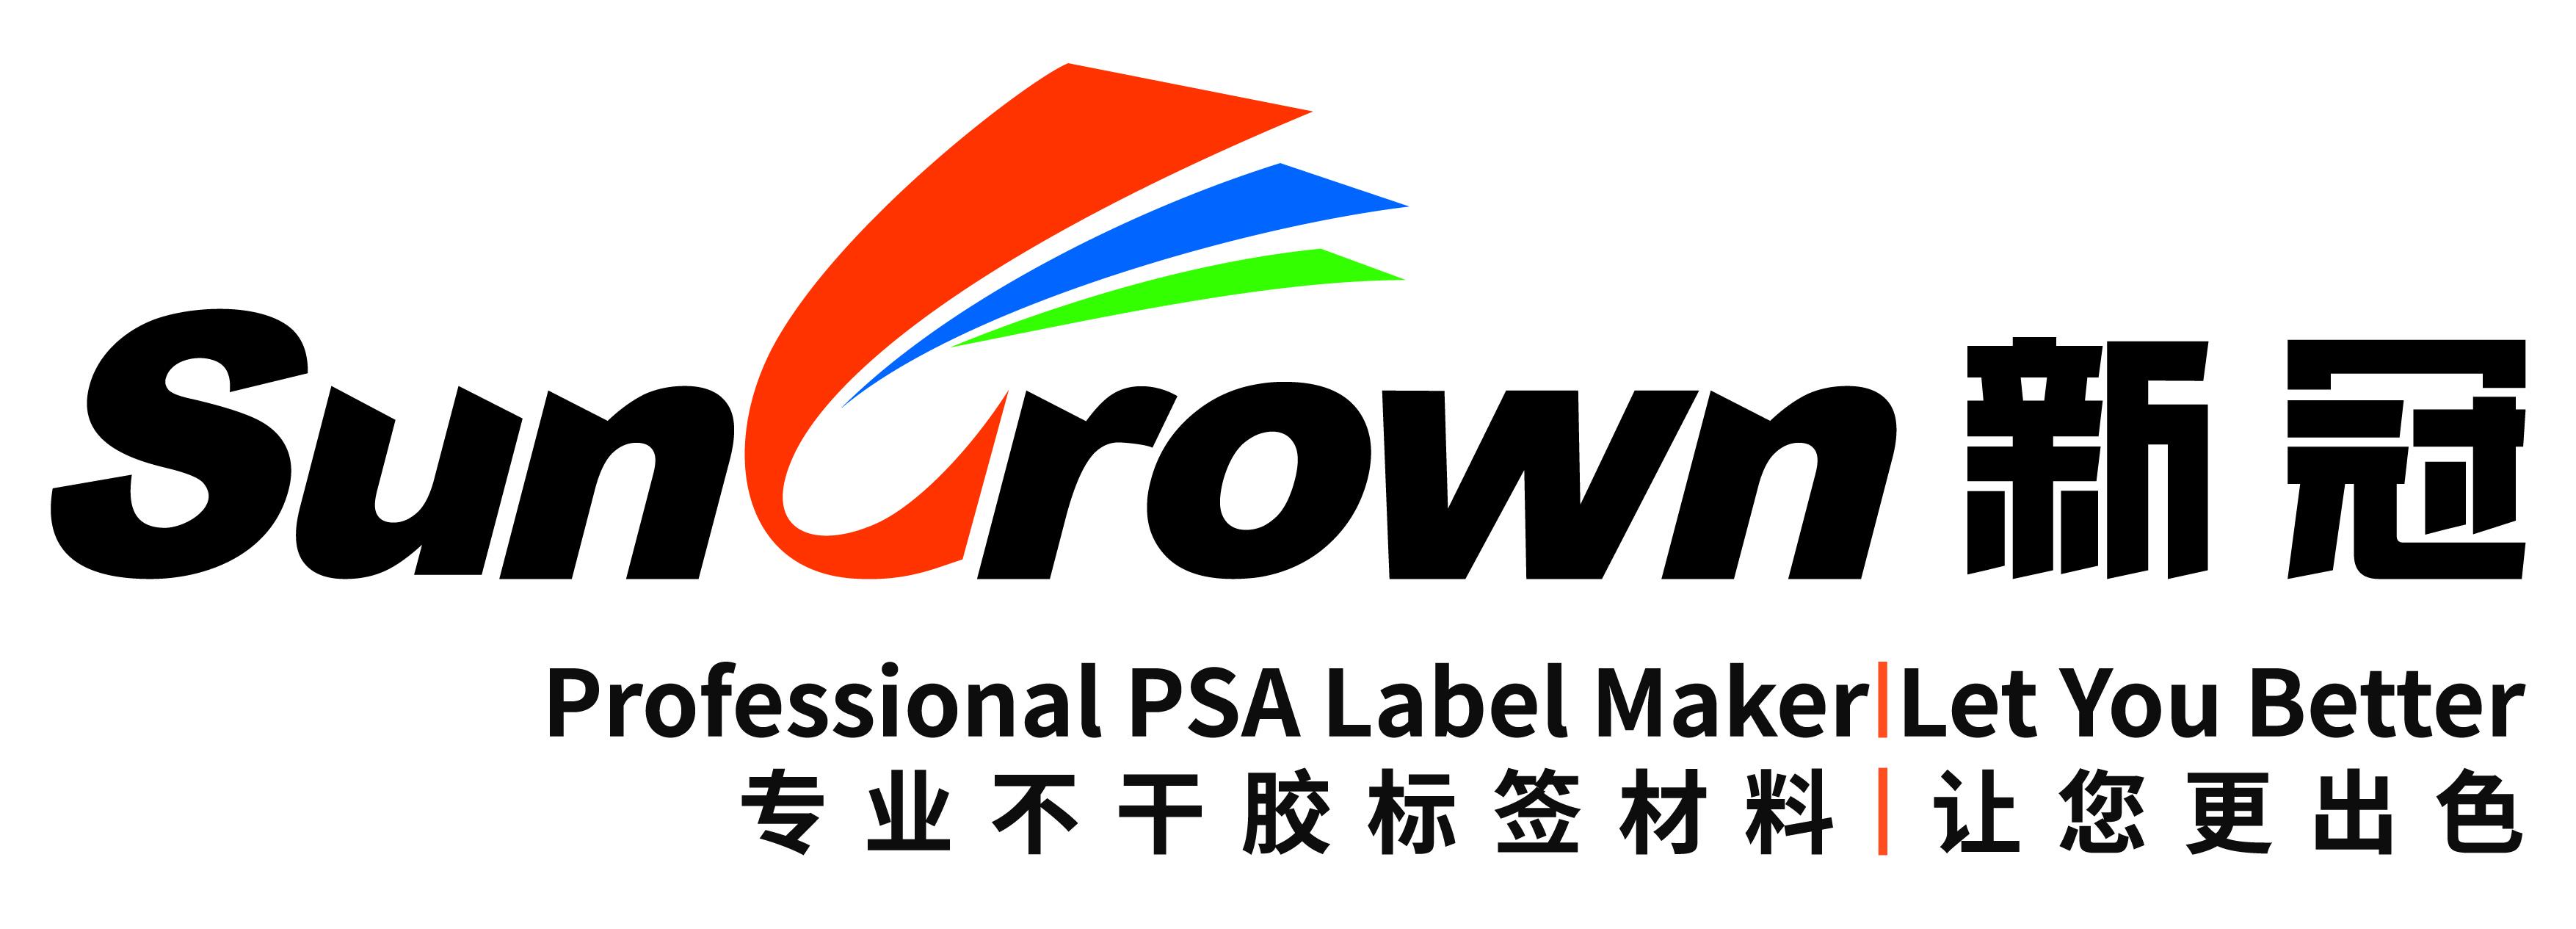 中山新冠胶粘制品销售有限公司_才通国际人才网_job001.cn